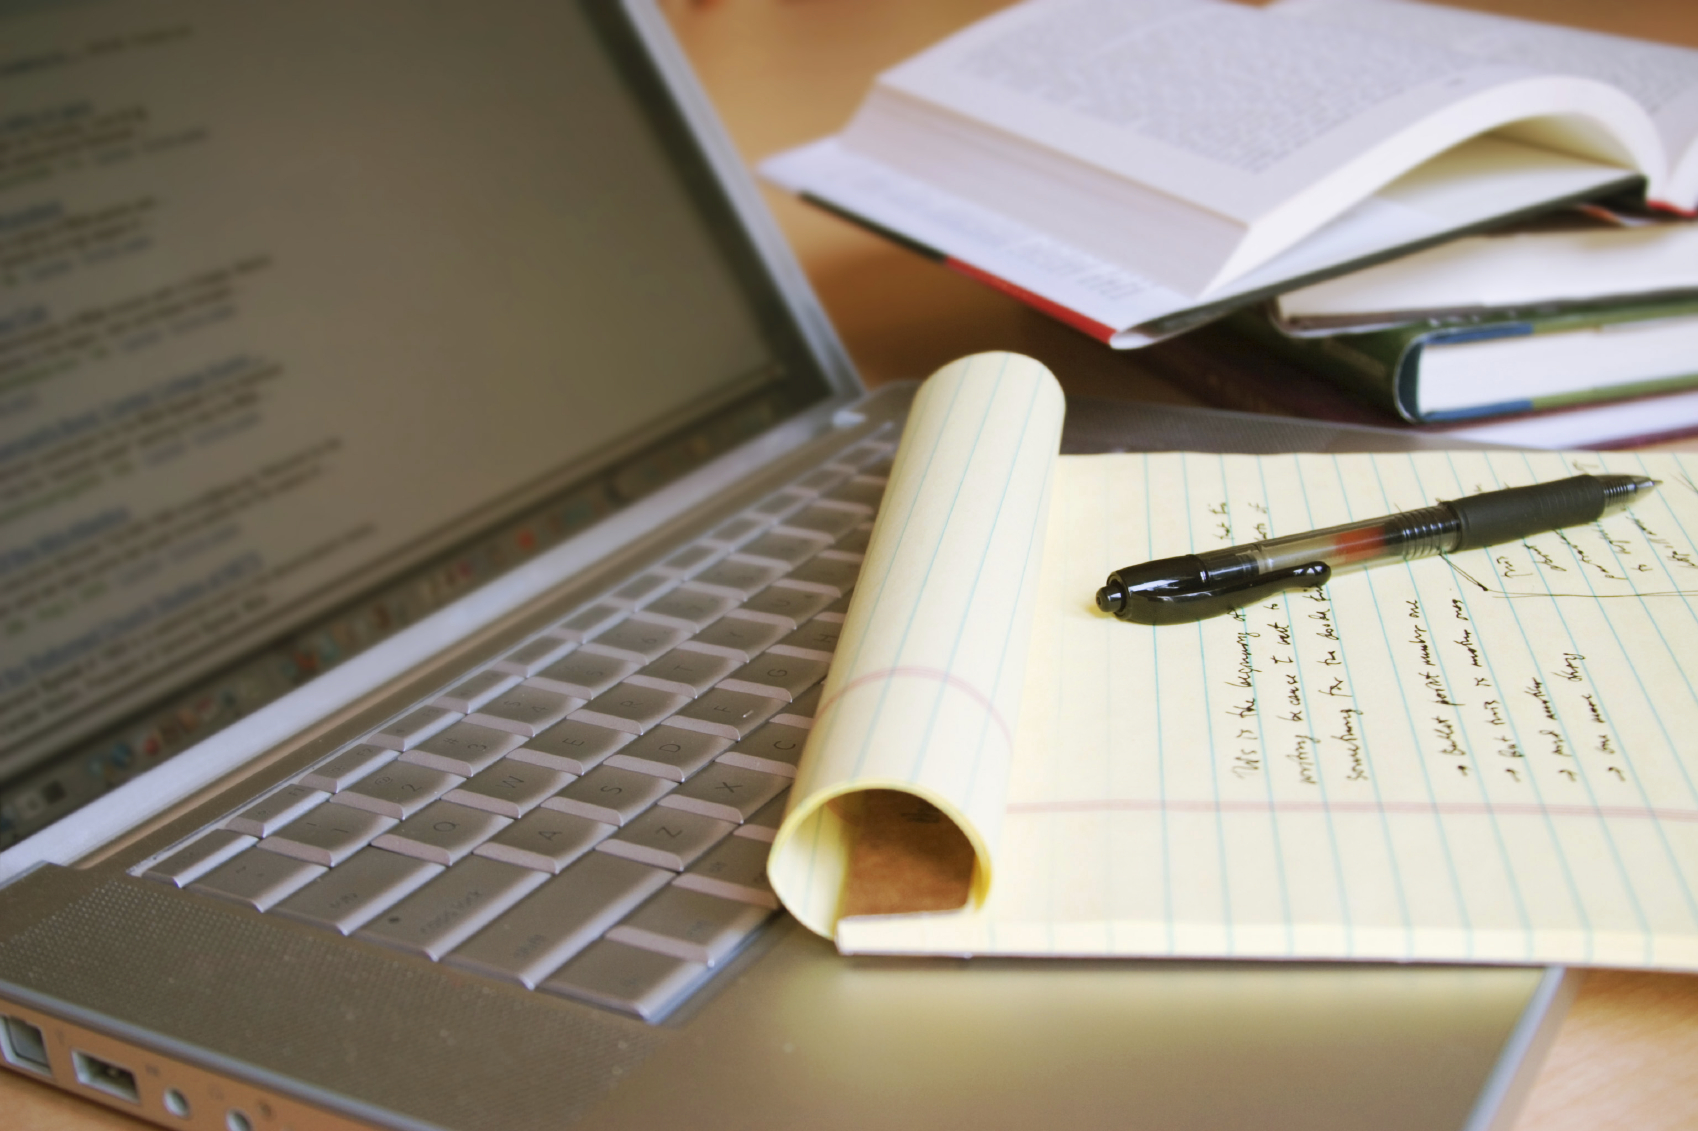 أربع منصات للتعلم المجاني عبر الانترنت